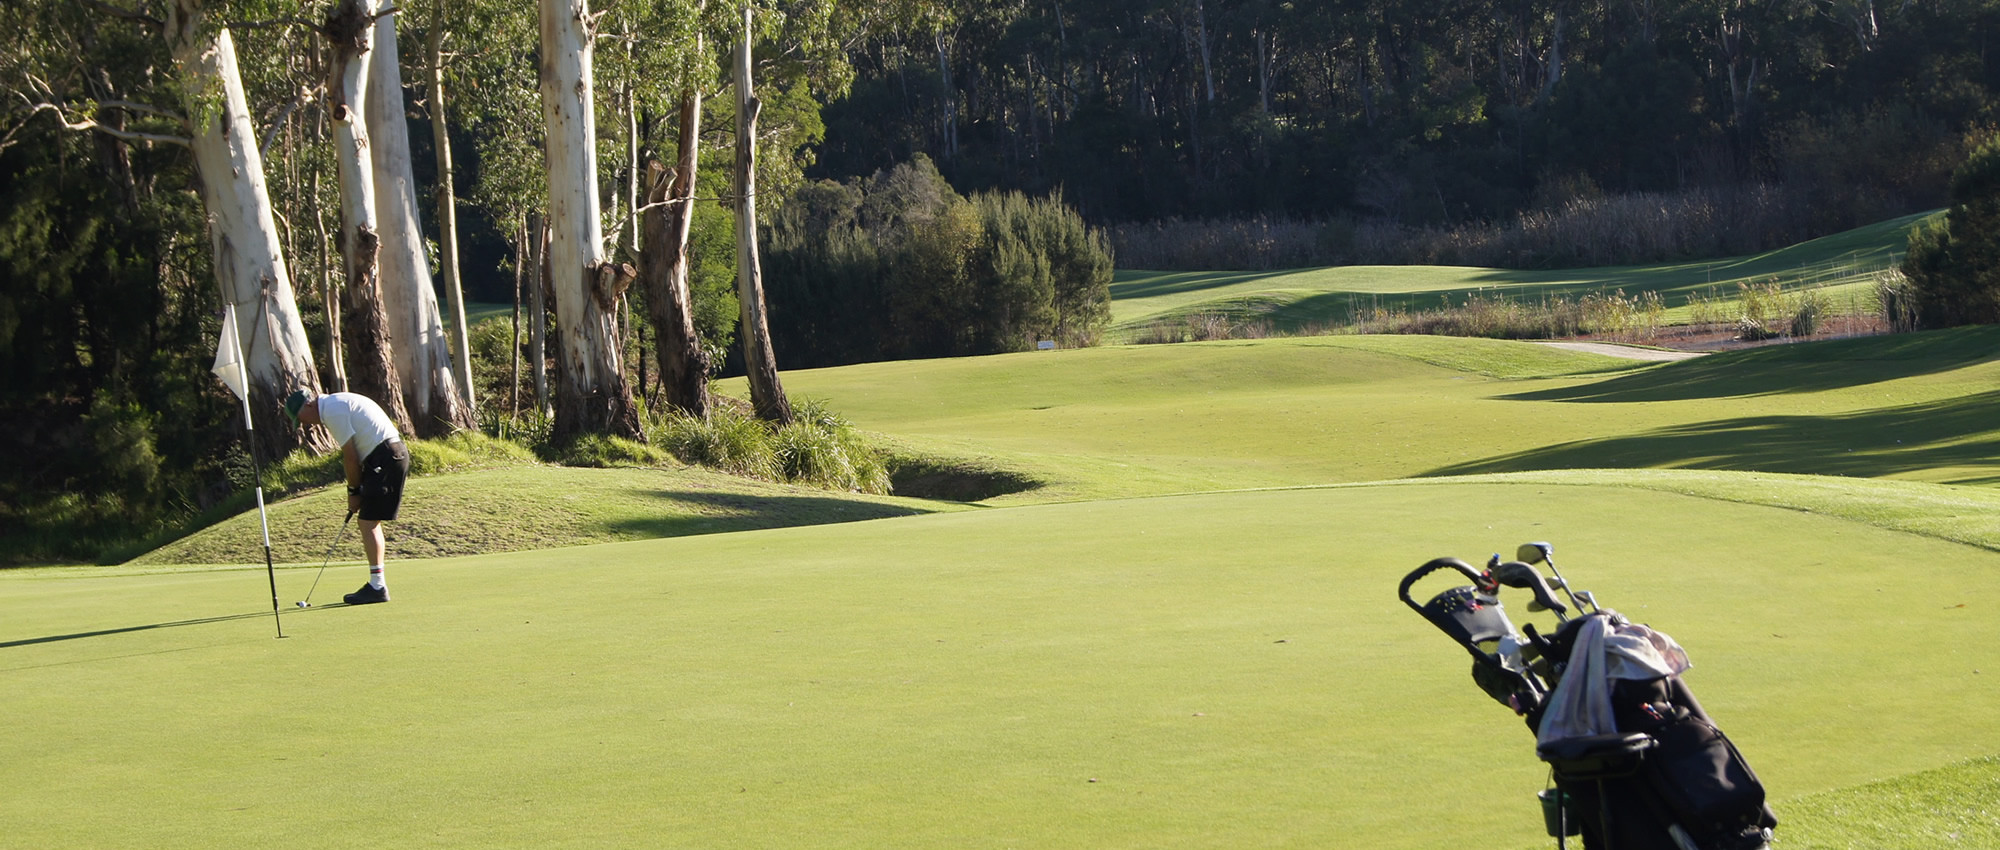 17th Berwick Montuna Golf Club